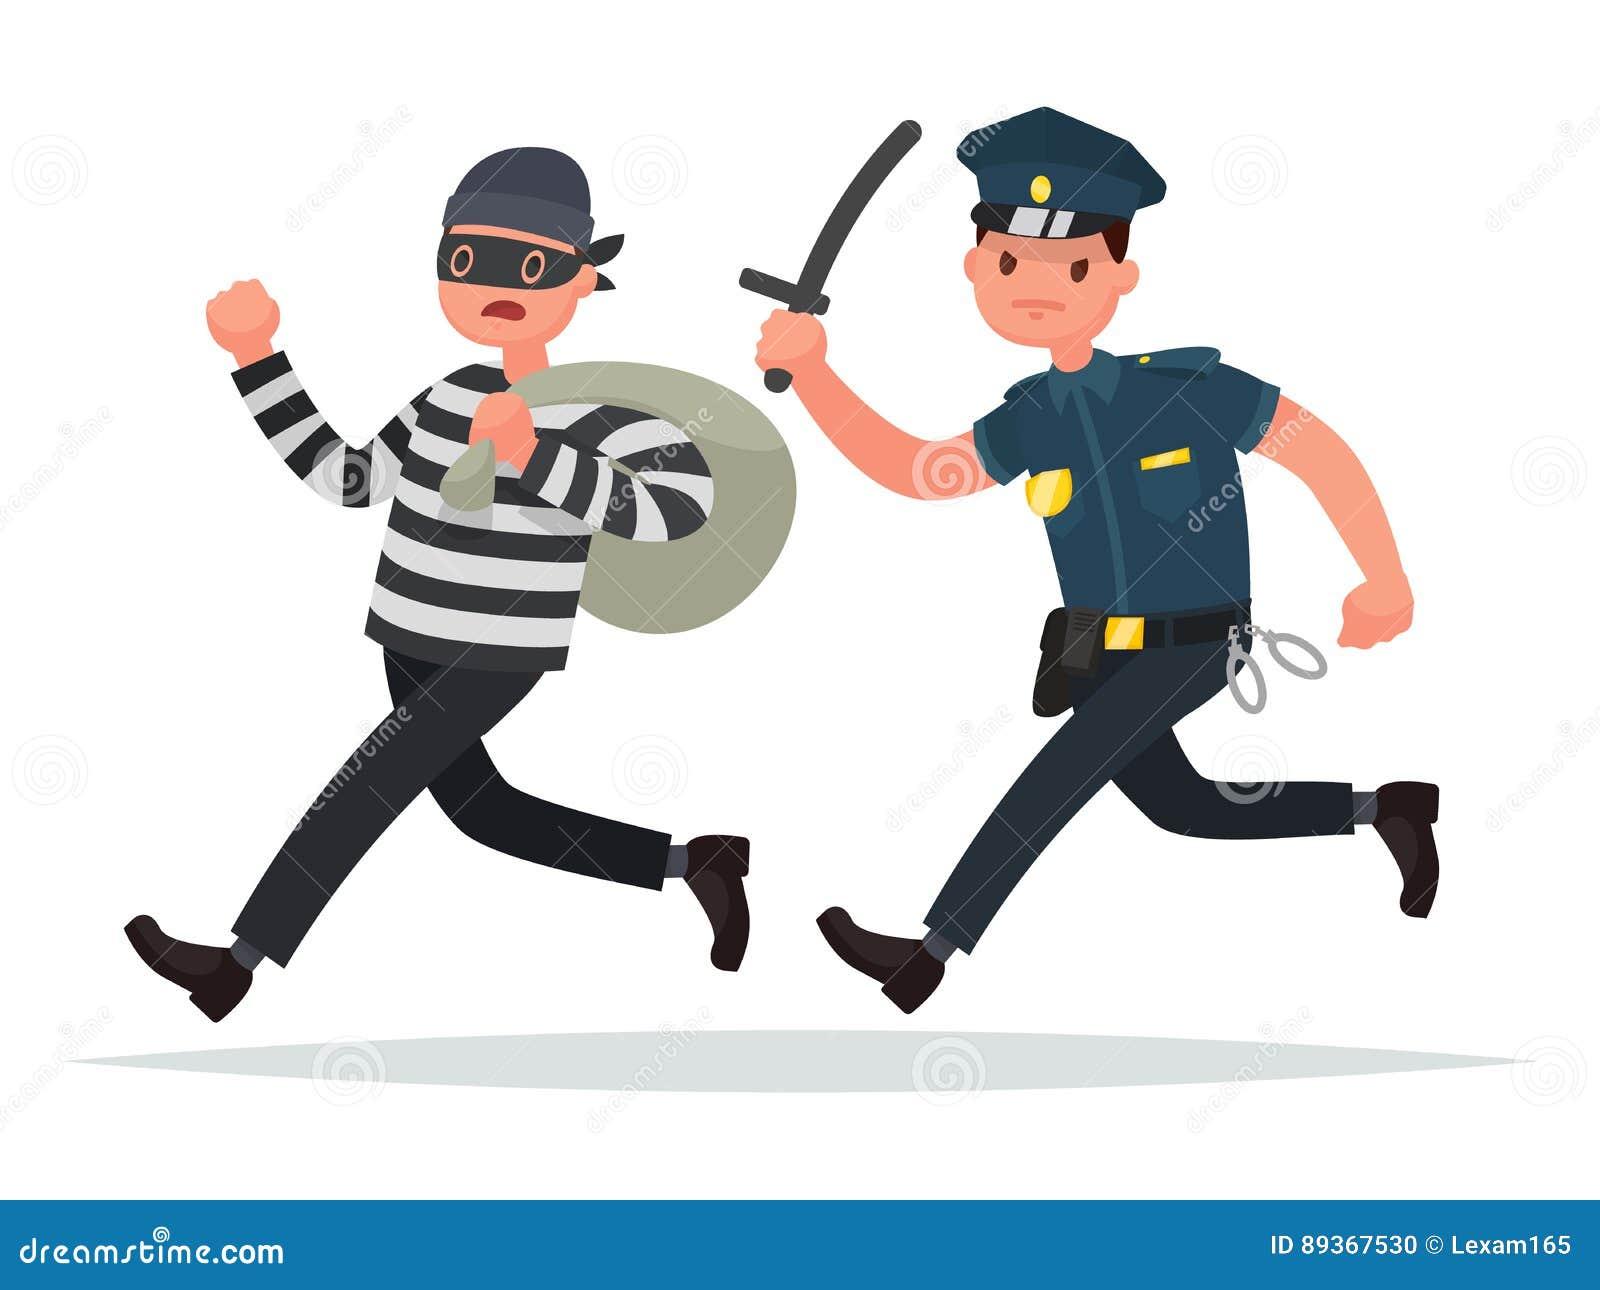 Corrida del poli en la cara de la putita en el trabajo - 1 part 3